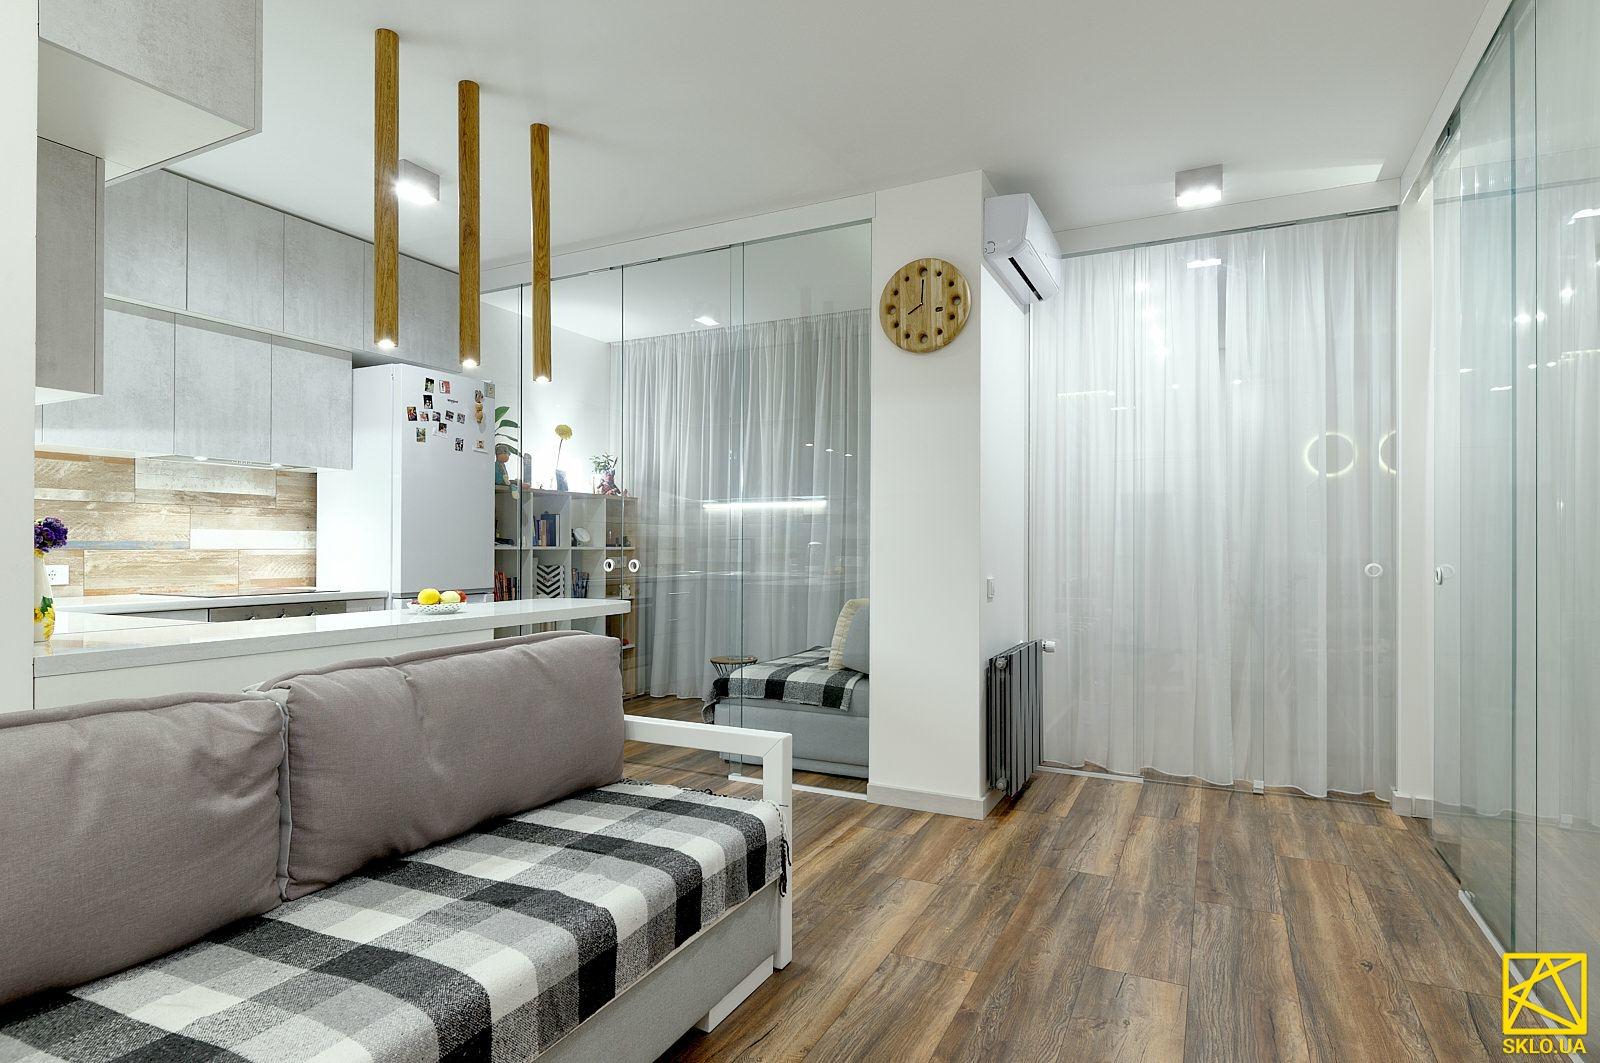 Интерьерное остекление квартиры в ЖК Misto Kvitiv